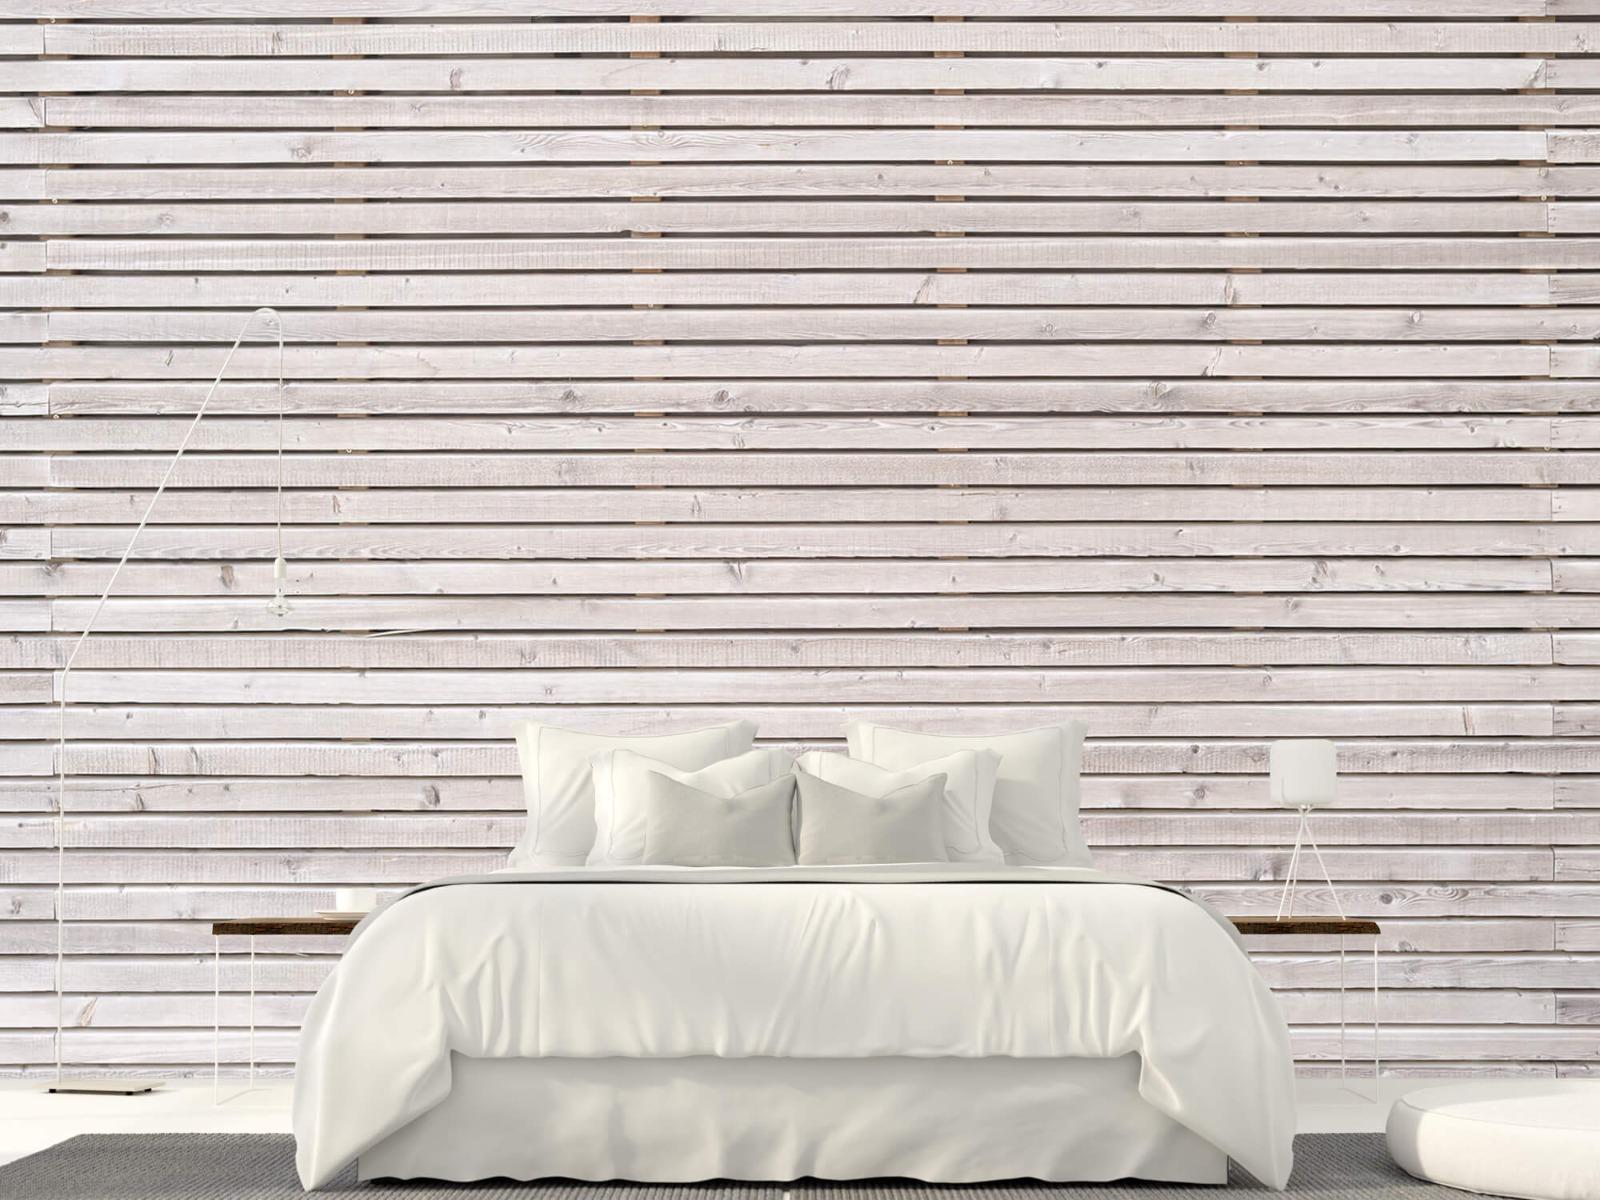 Hout behang - Horizontale planken - Wallexclusive - Woonkamer 17